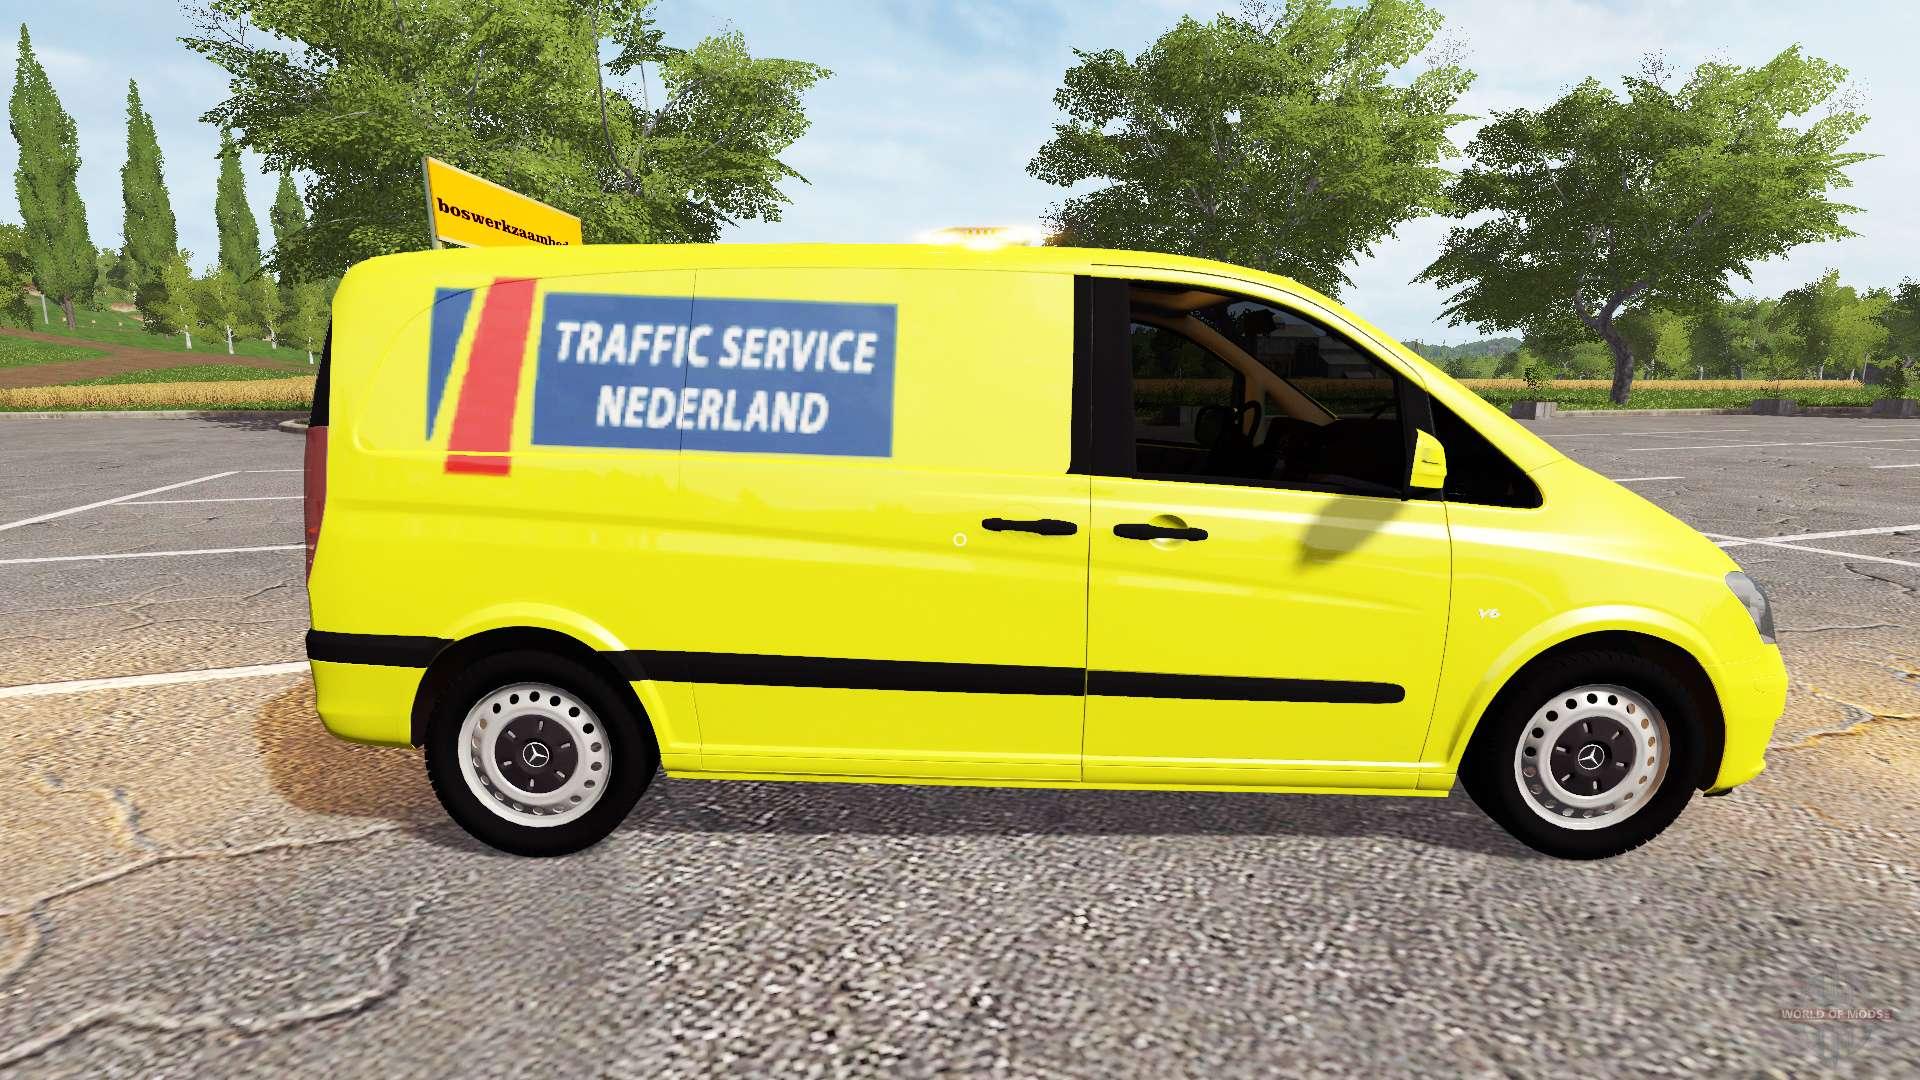 mercedes benz viano traffic service nederland for farming. Black Bedroom Furniture Sets. Home Design Ideas